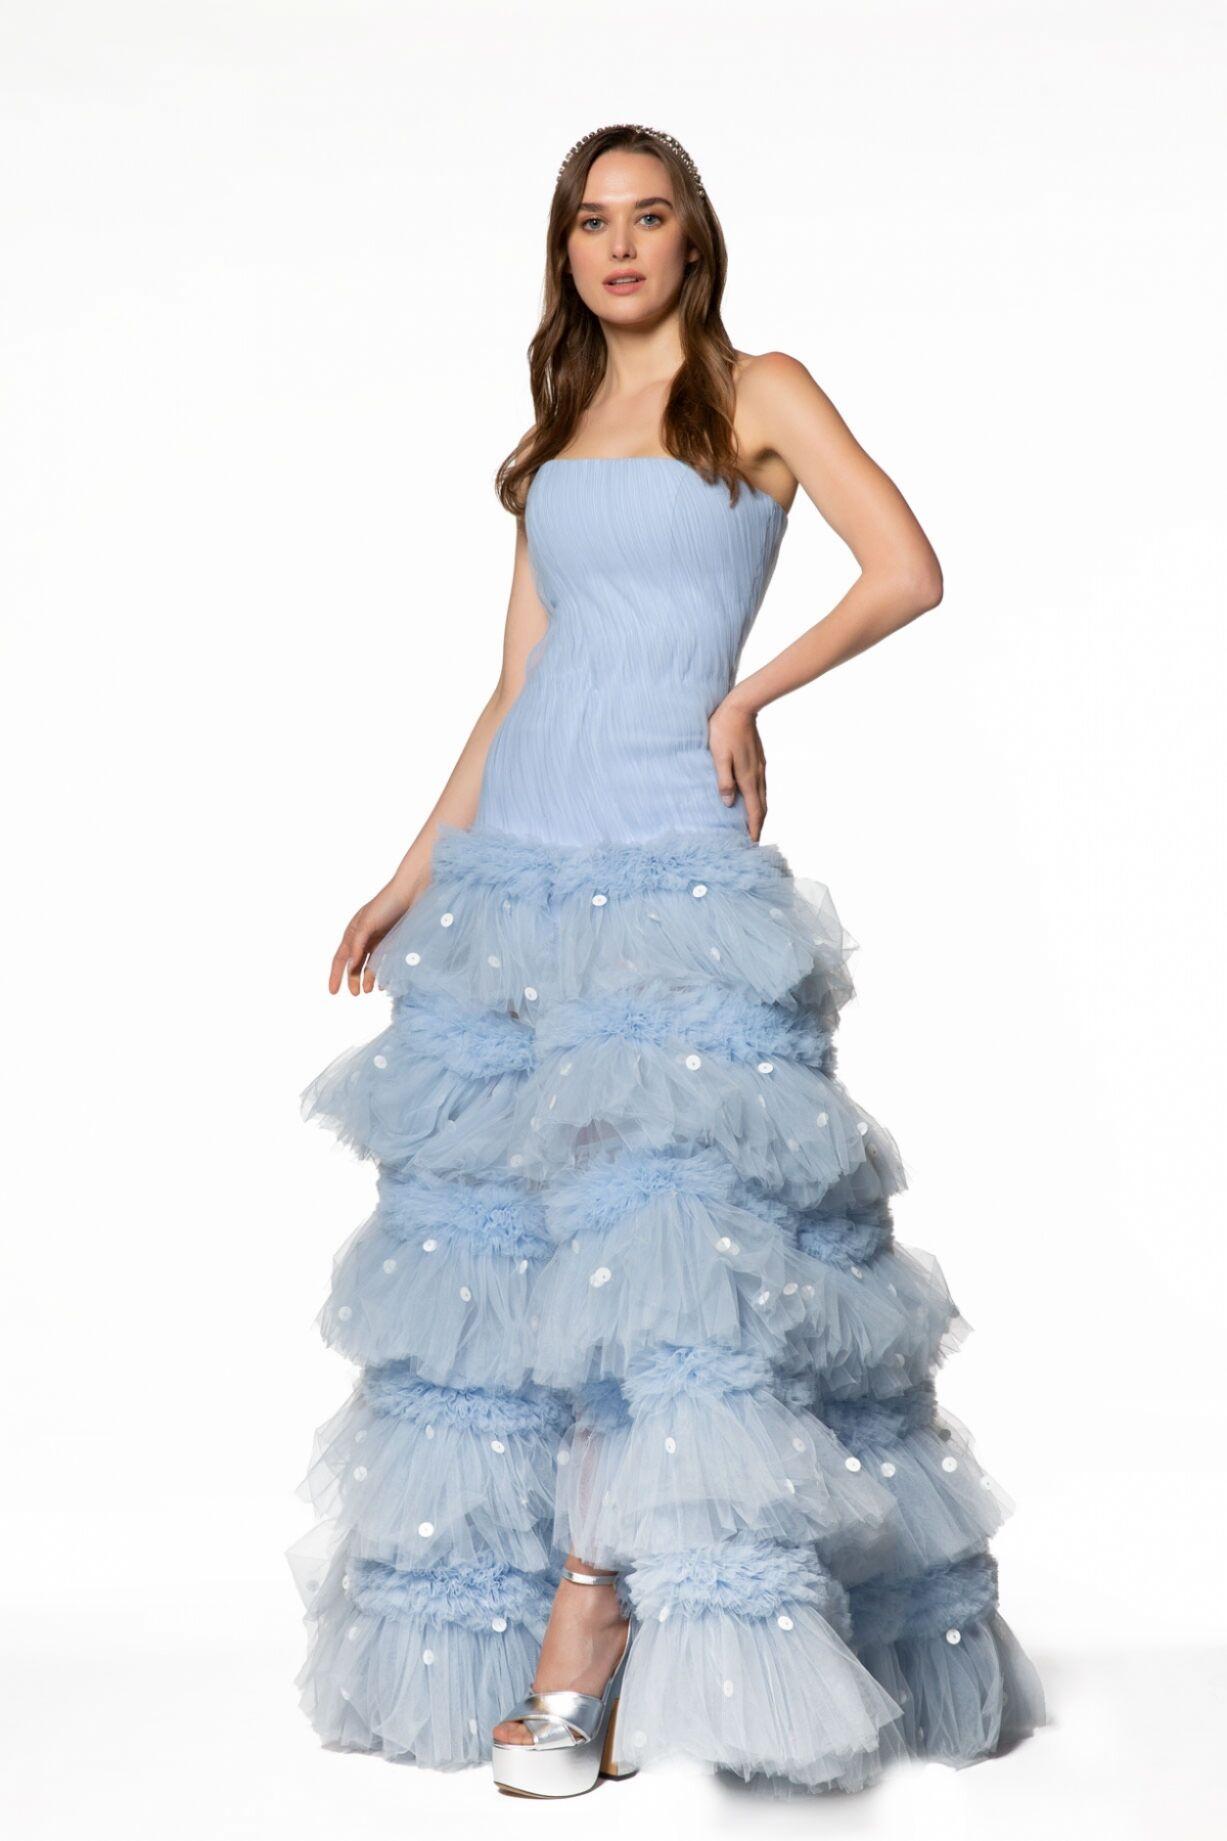 Tül Ve Hacimli Etek Detaylı Straplez Elbise